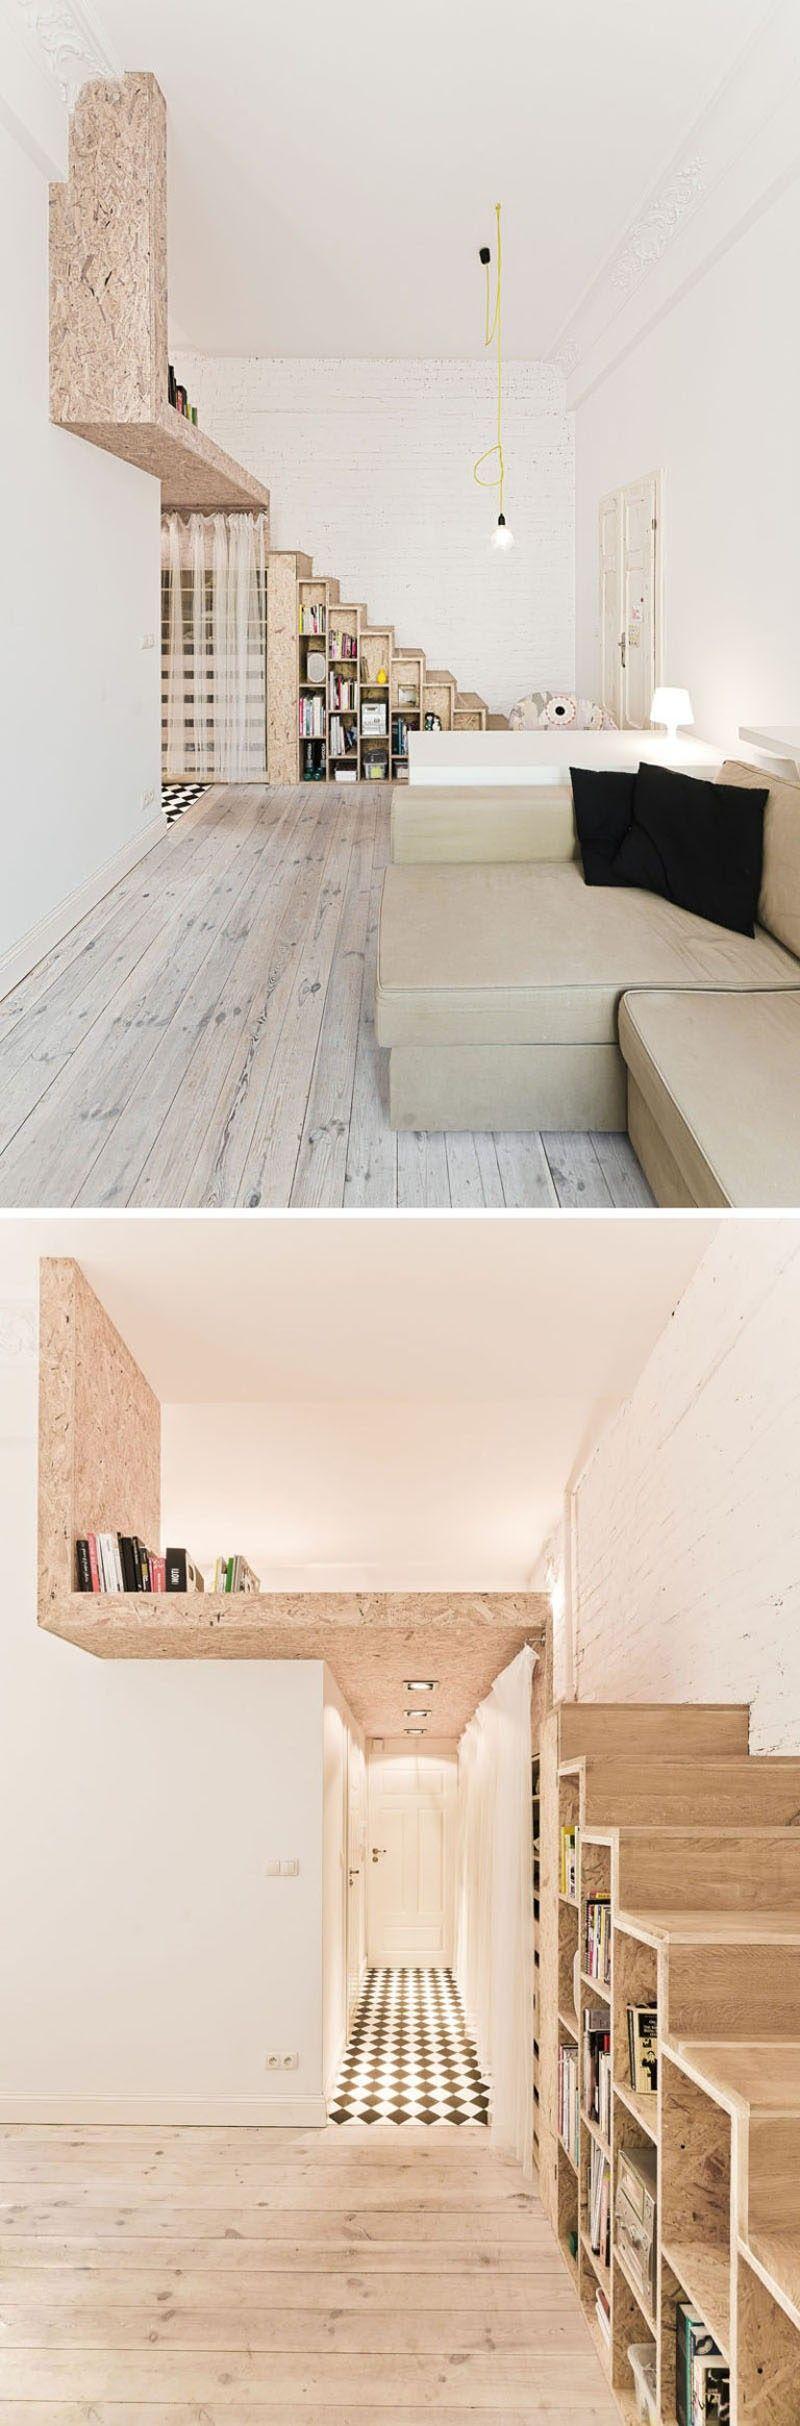 13 Treppe Design Ideen für kleine Räume / / die Treppe entlang der ...